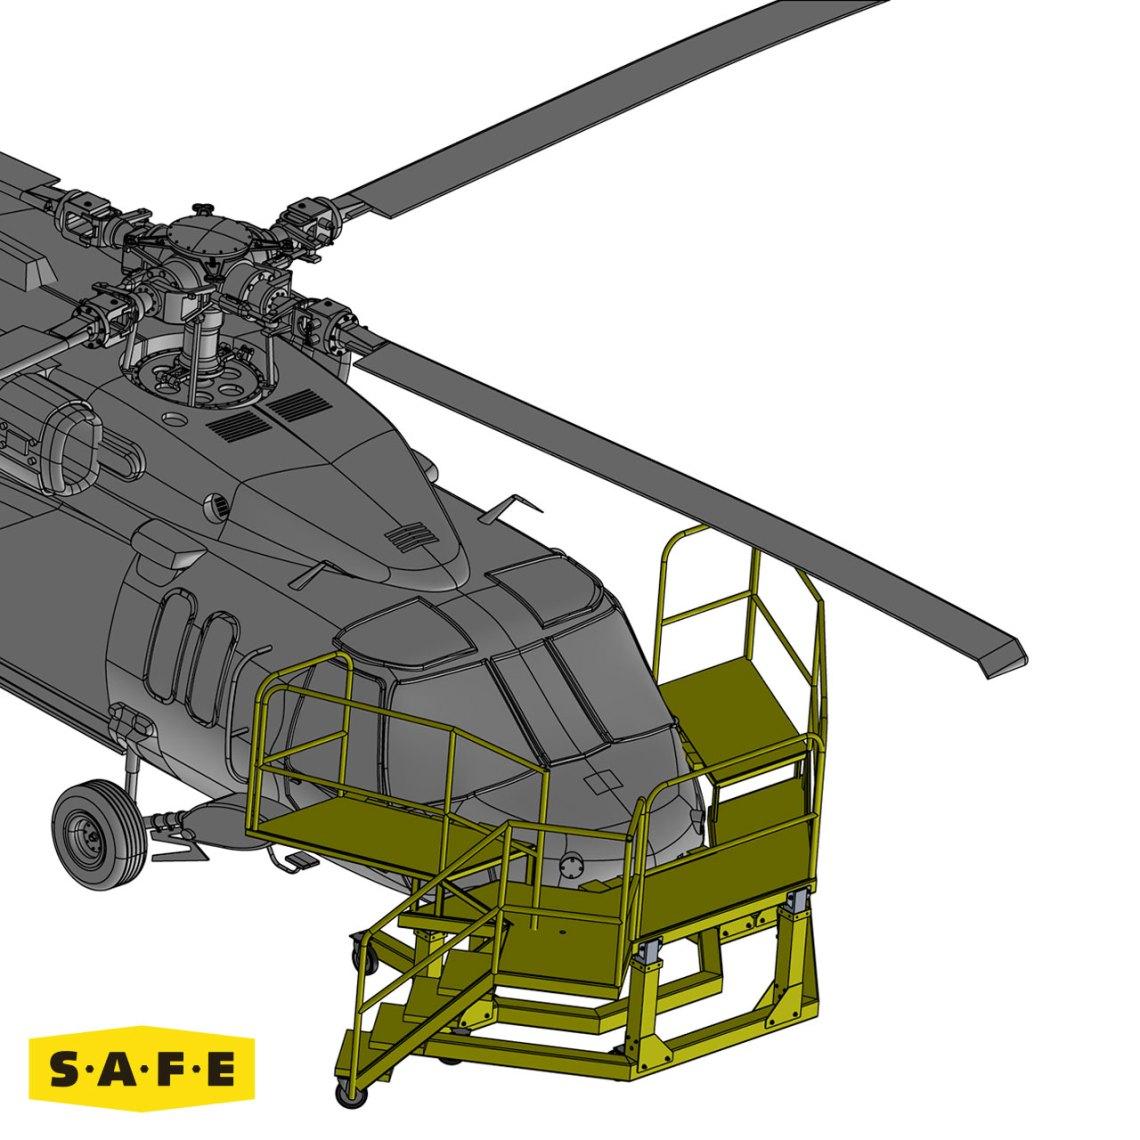 Sikorsky Rotor Wing Aircraft Maintenance Platforms